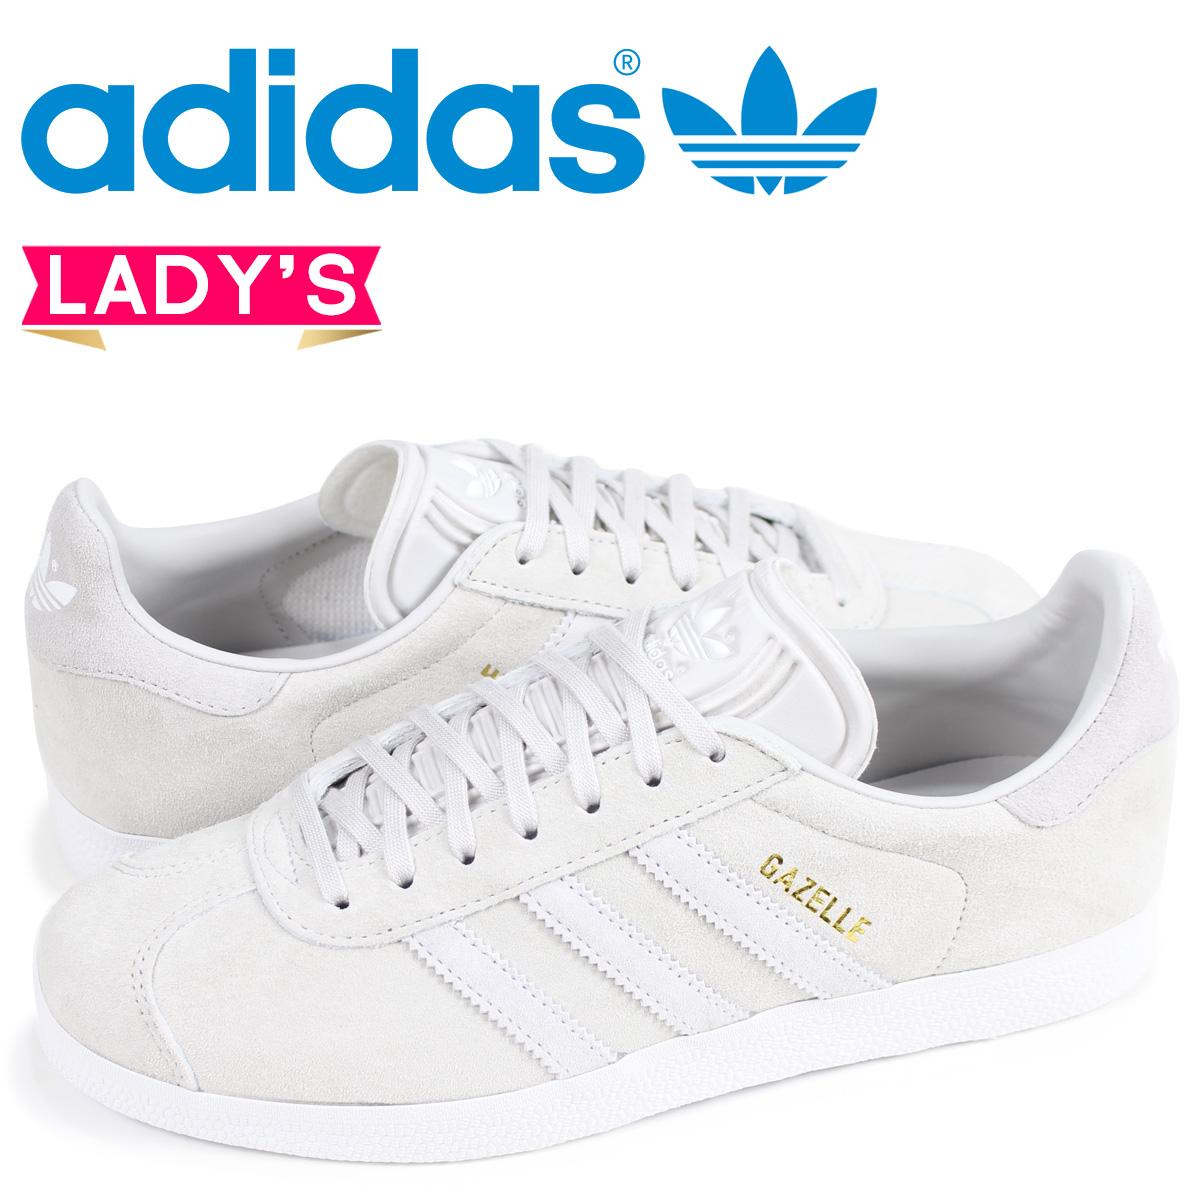 b2f2f052003489 Adidas gazelle adidas Originals レディーススニーカーガッツレー GAZELLE W CQ2188 gray  originals  load planned Shinnyu load in reservation product 4 10 ...